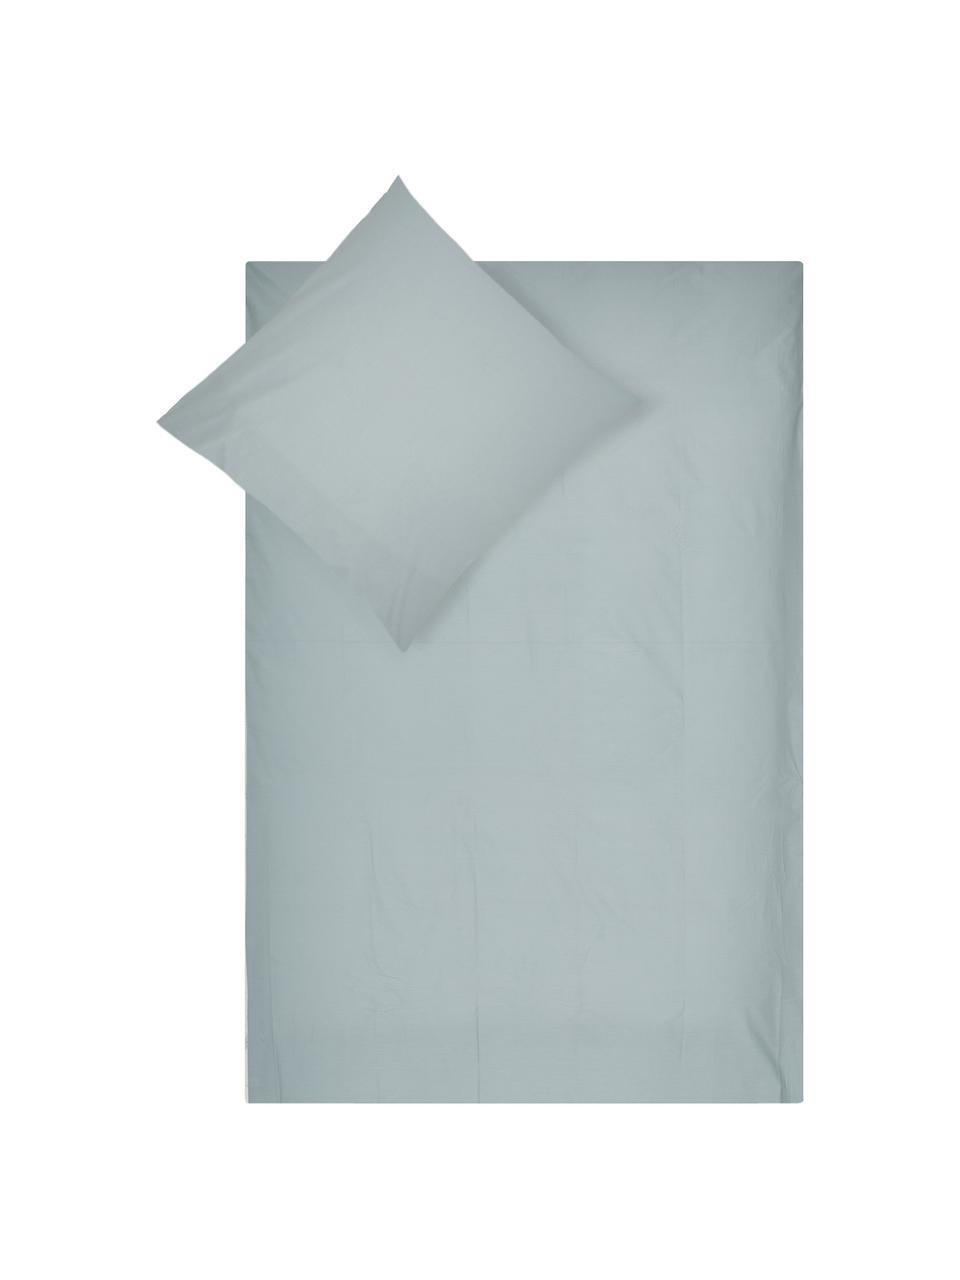 Perkal dekbedovertrek Mendoza, Bovenzijde: katoen, Weeftechniek: perkal met wafelstructuur, Onderzijde: katoen, Weeftechniek: perkal, glad, Mintgroen, 200 x 220 cm + 2 kussen 60 x 70 cm